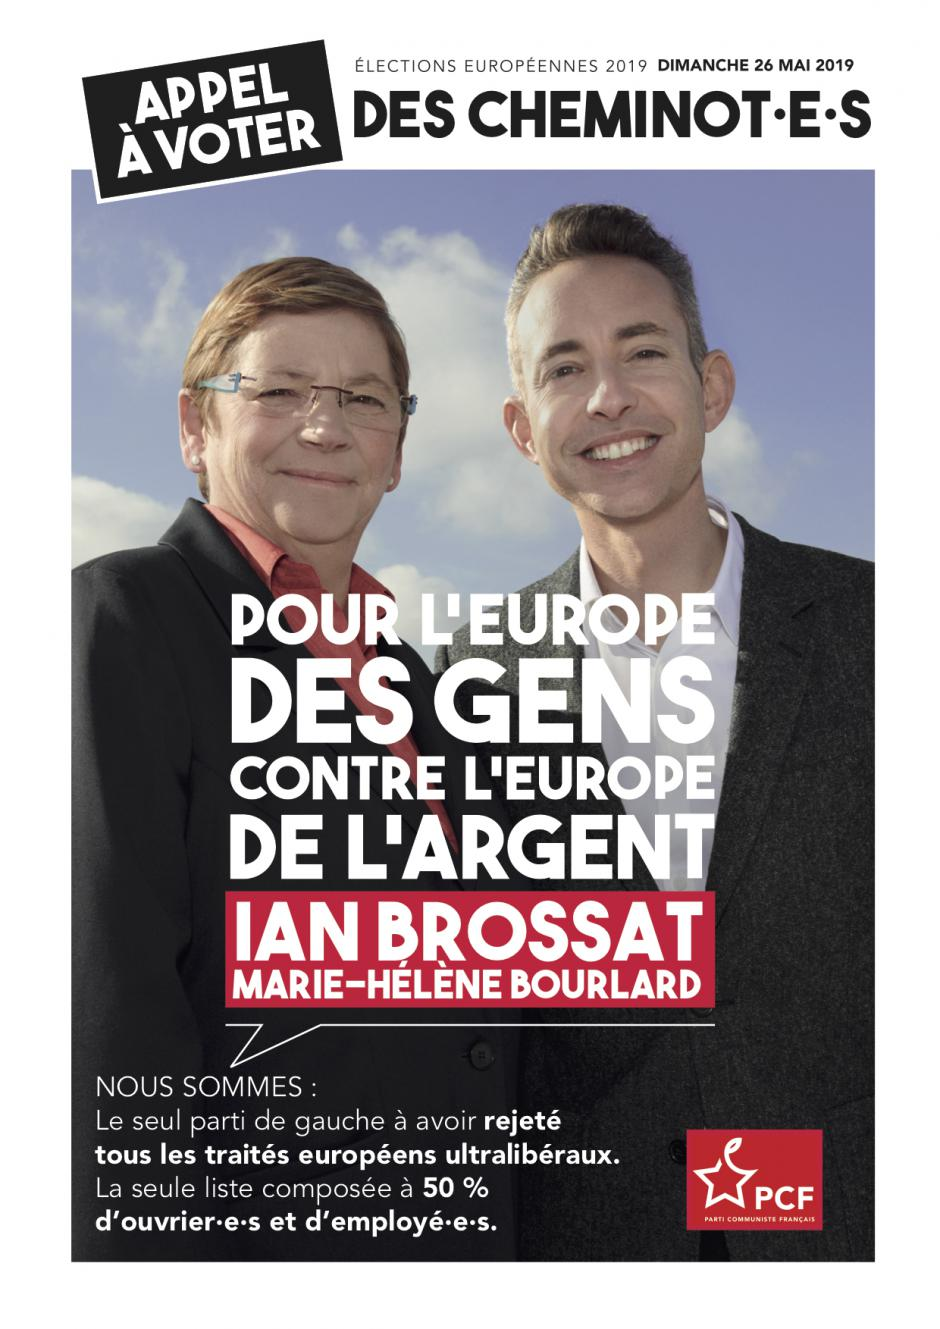 Élections européennes : 22 cheminot·e·s de l'Oise appellent à voter Ian Brossat et Marie-Hélène Bourlard le 26 mai